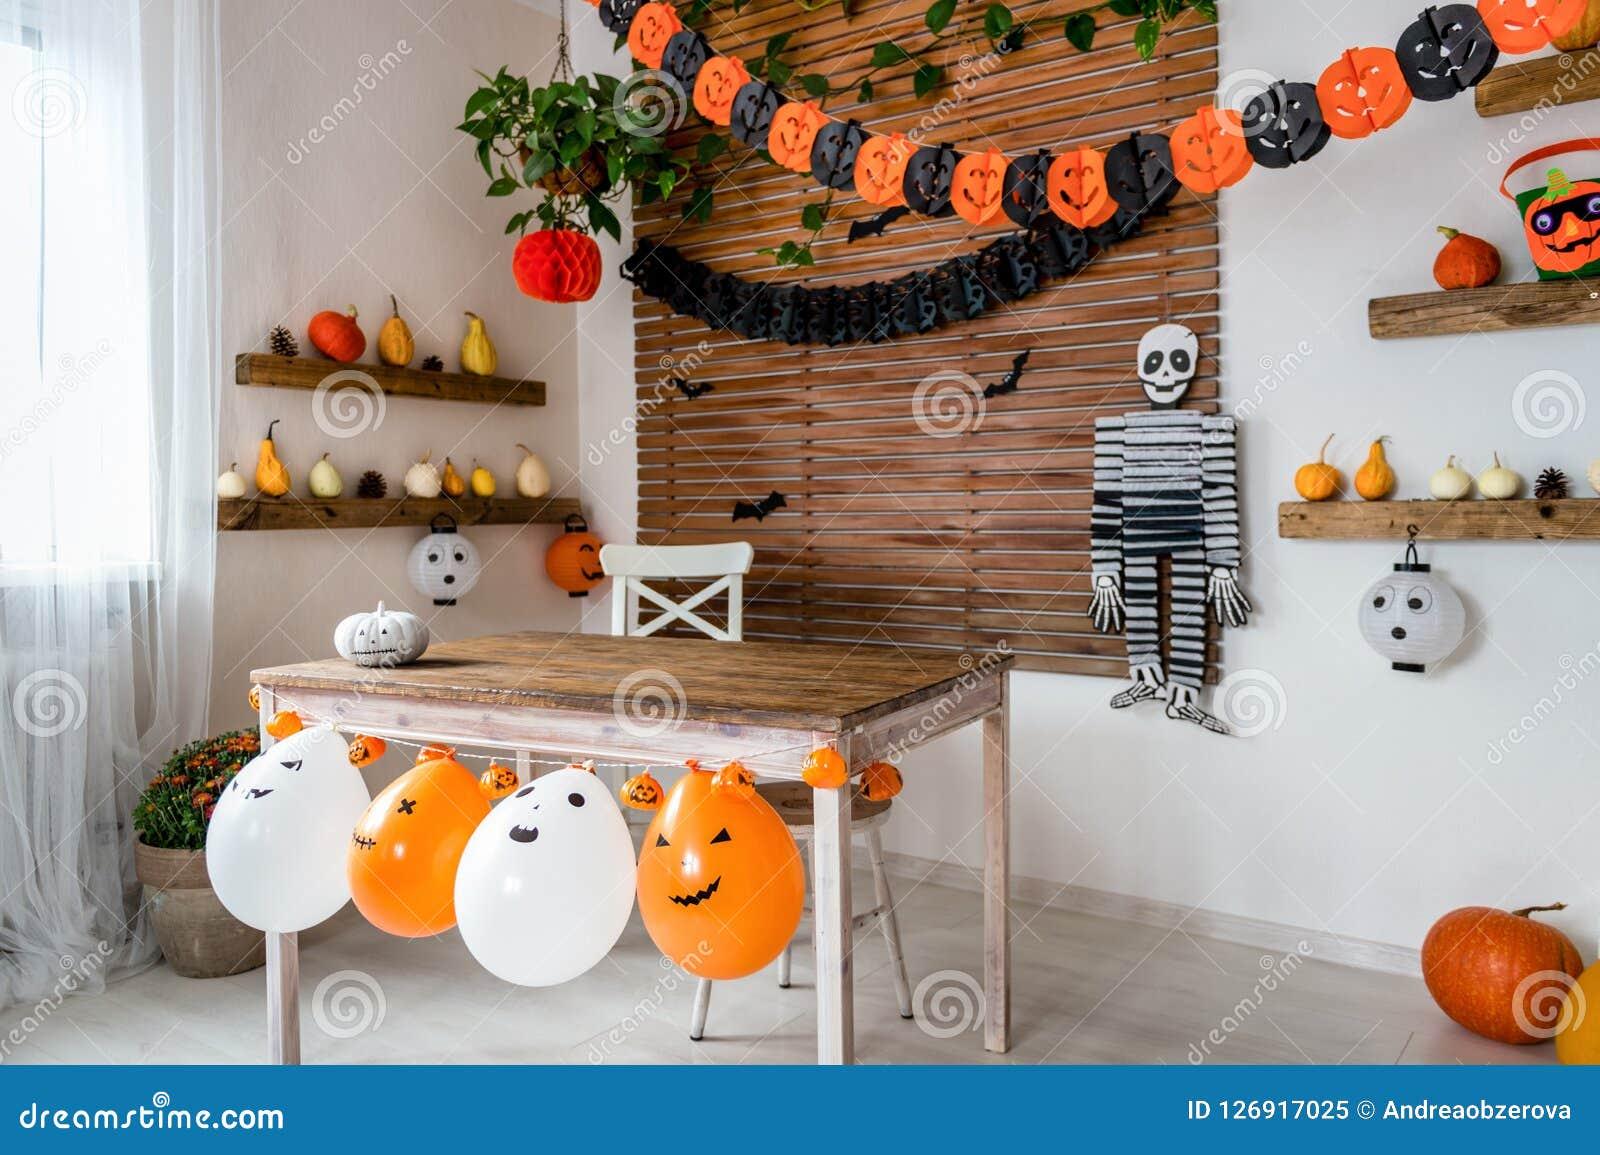 Living Room Halloween Decorations Indoor.Halloween Theme Decorated Living Room Lifestyle Halloween